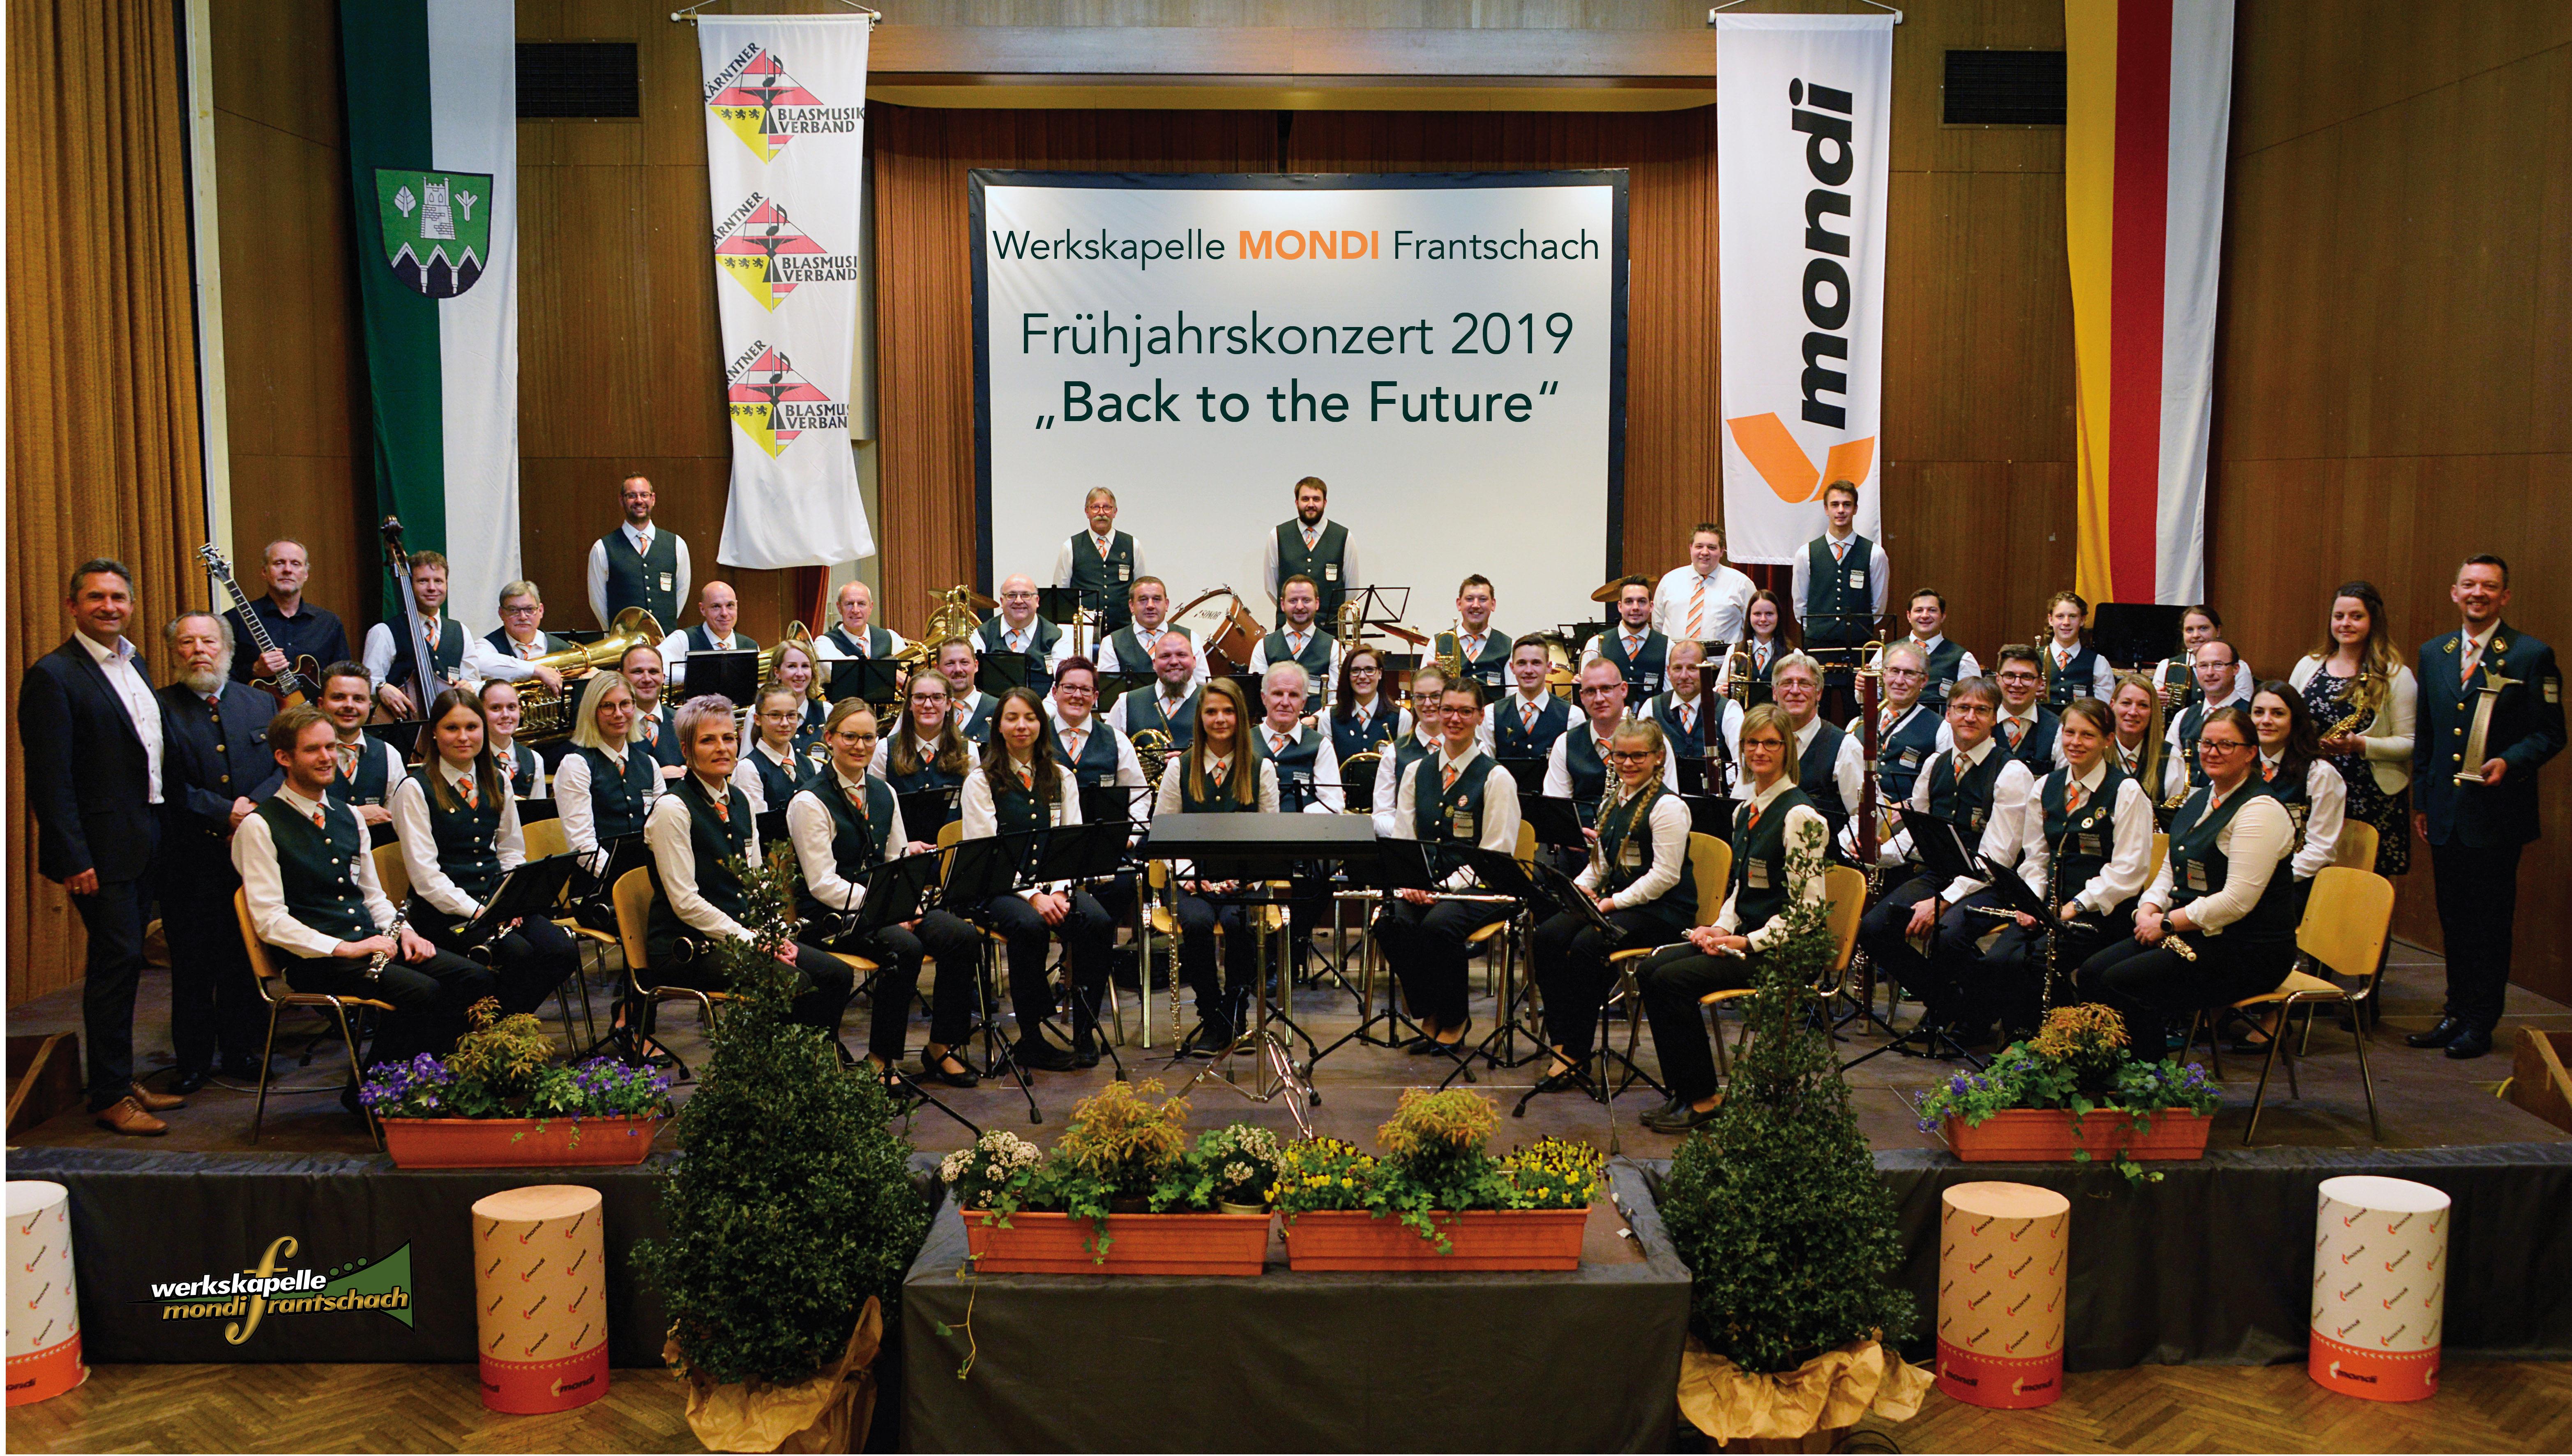 Frantschach-st. gertraud frauen treffen frauen - Ellmau partnersuche